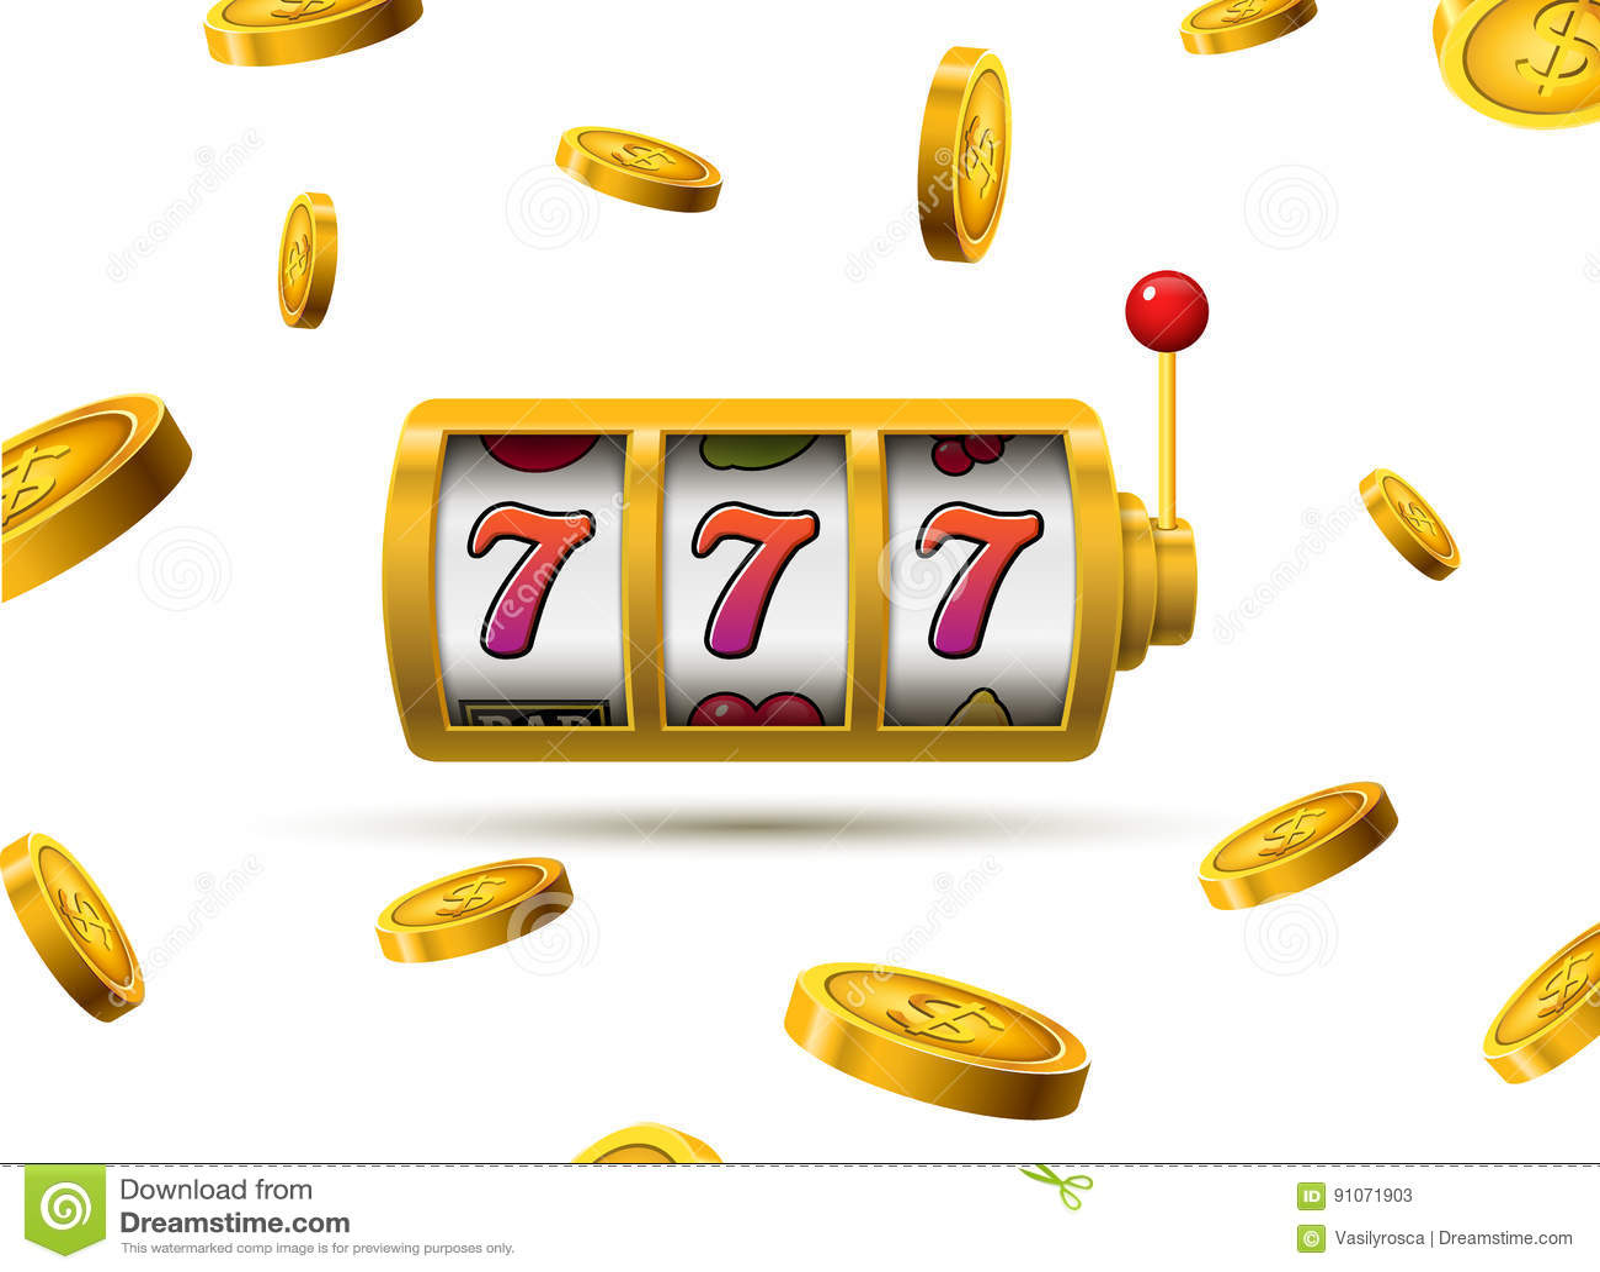 老虎机幸运的sevens困境概念777 传染媒介赌博娱乐场比赛 有金钱硬币的老虎机 时运机会困境